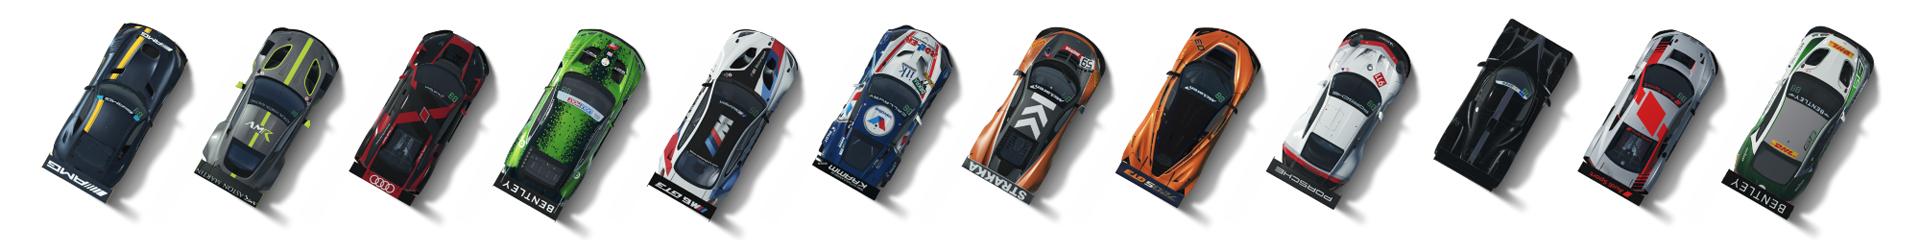 gt3_2020_september_bop_cars-1.jpg